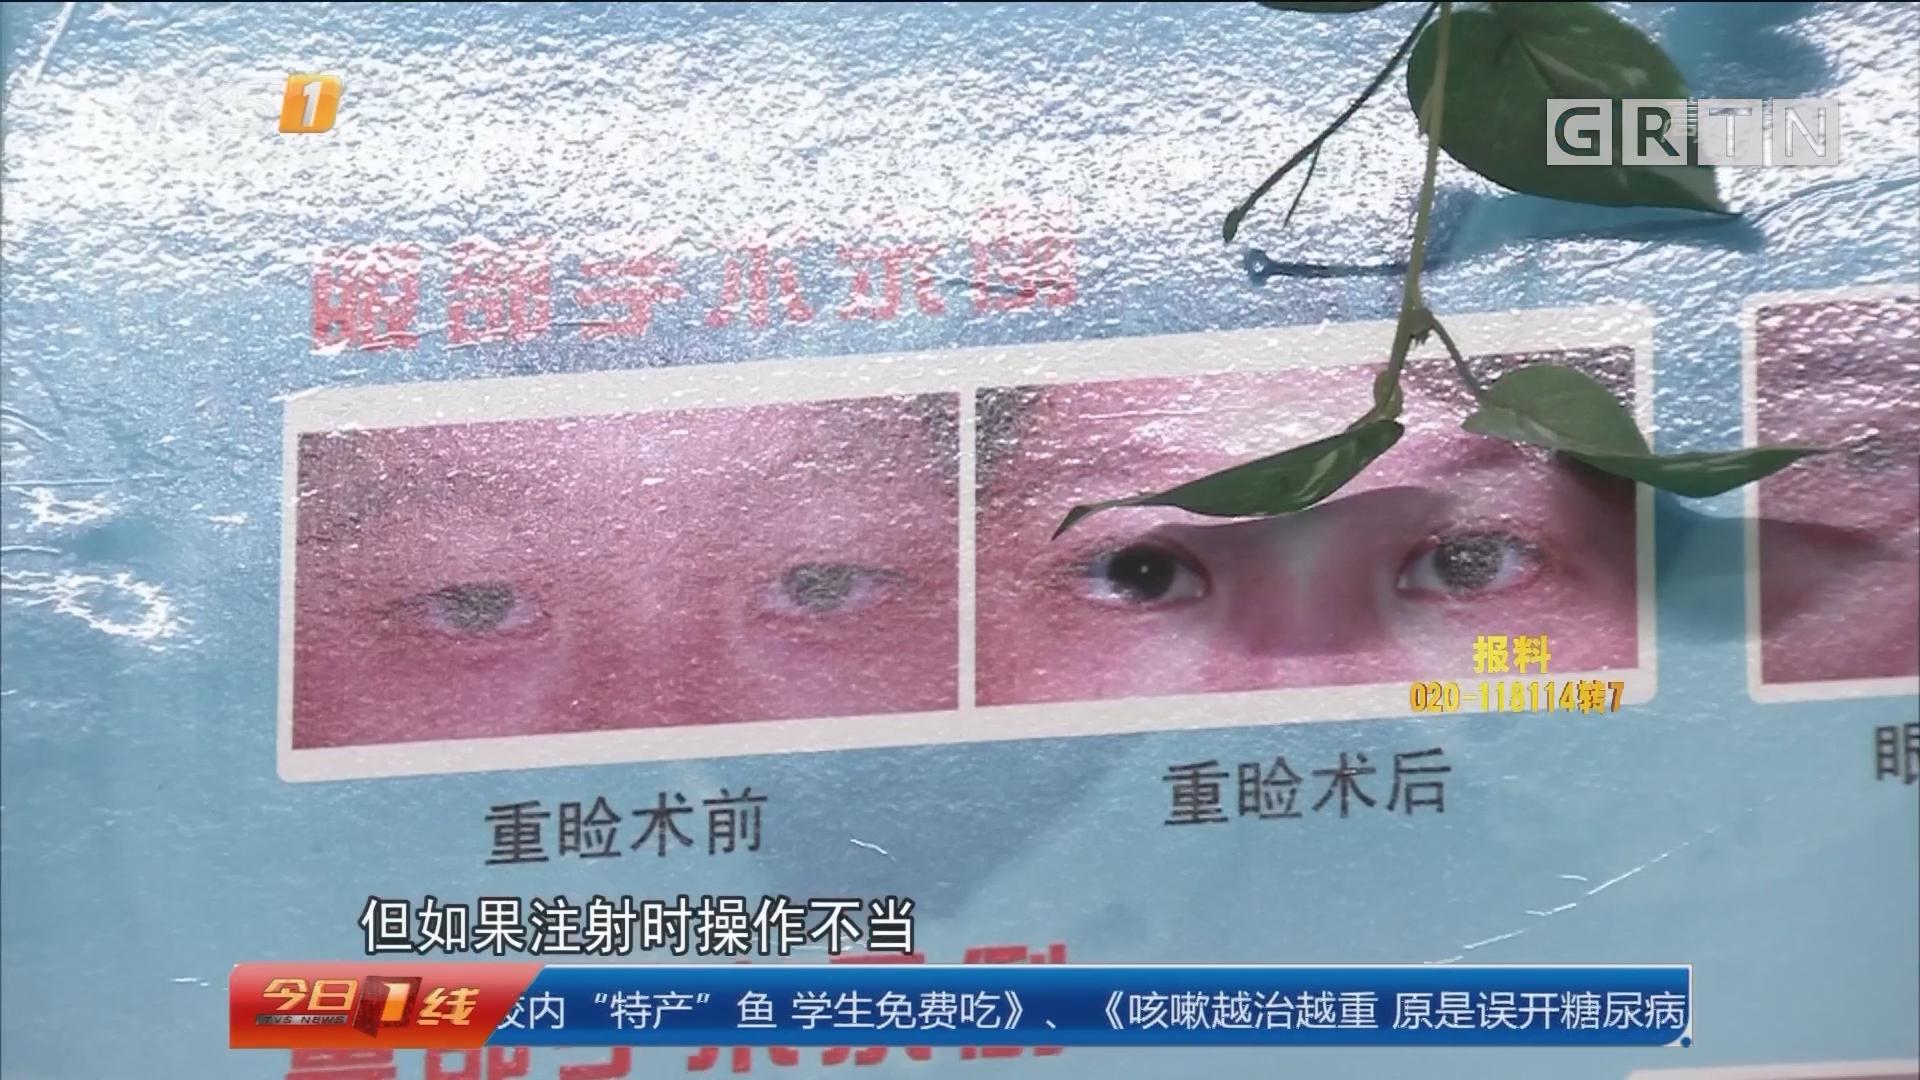 广州:打美容针终致失明? 注射美容需谨慎